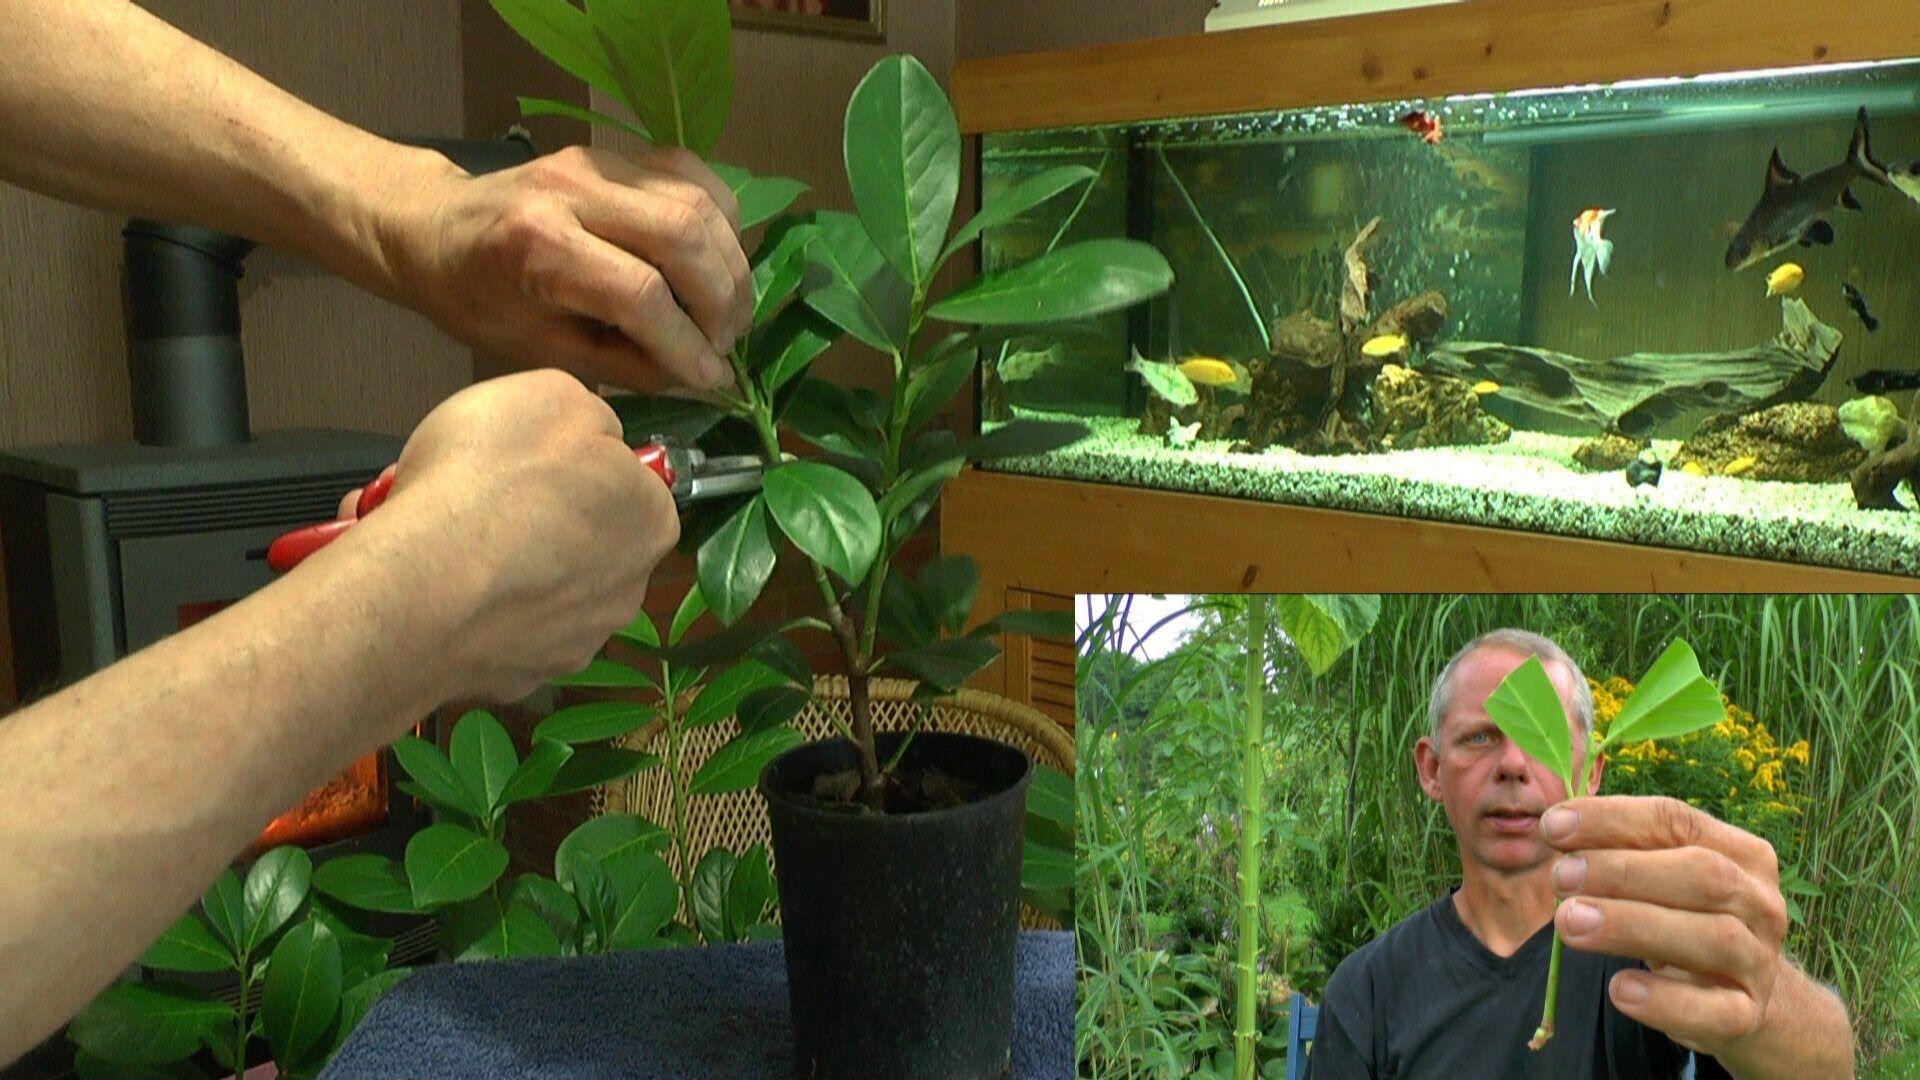 vom steckling zur pflanze kirschlorbeer einfach selber vermehren pflanzen vermehrung. Black Bedroom Furniture Sets. Home Design Ideas